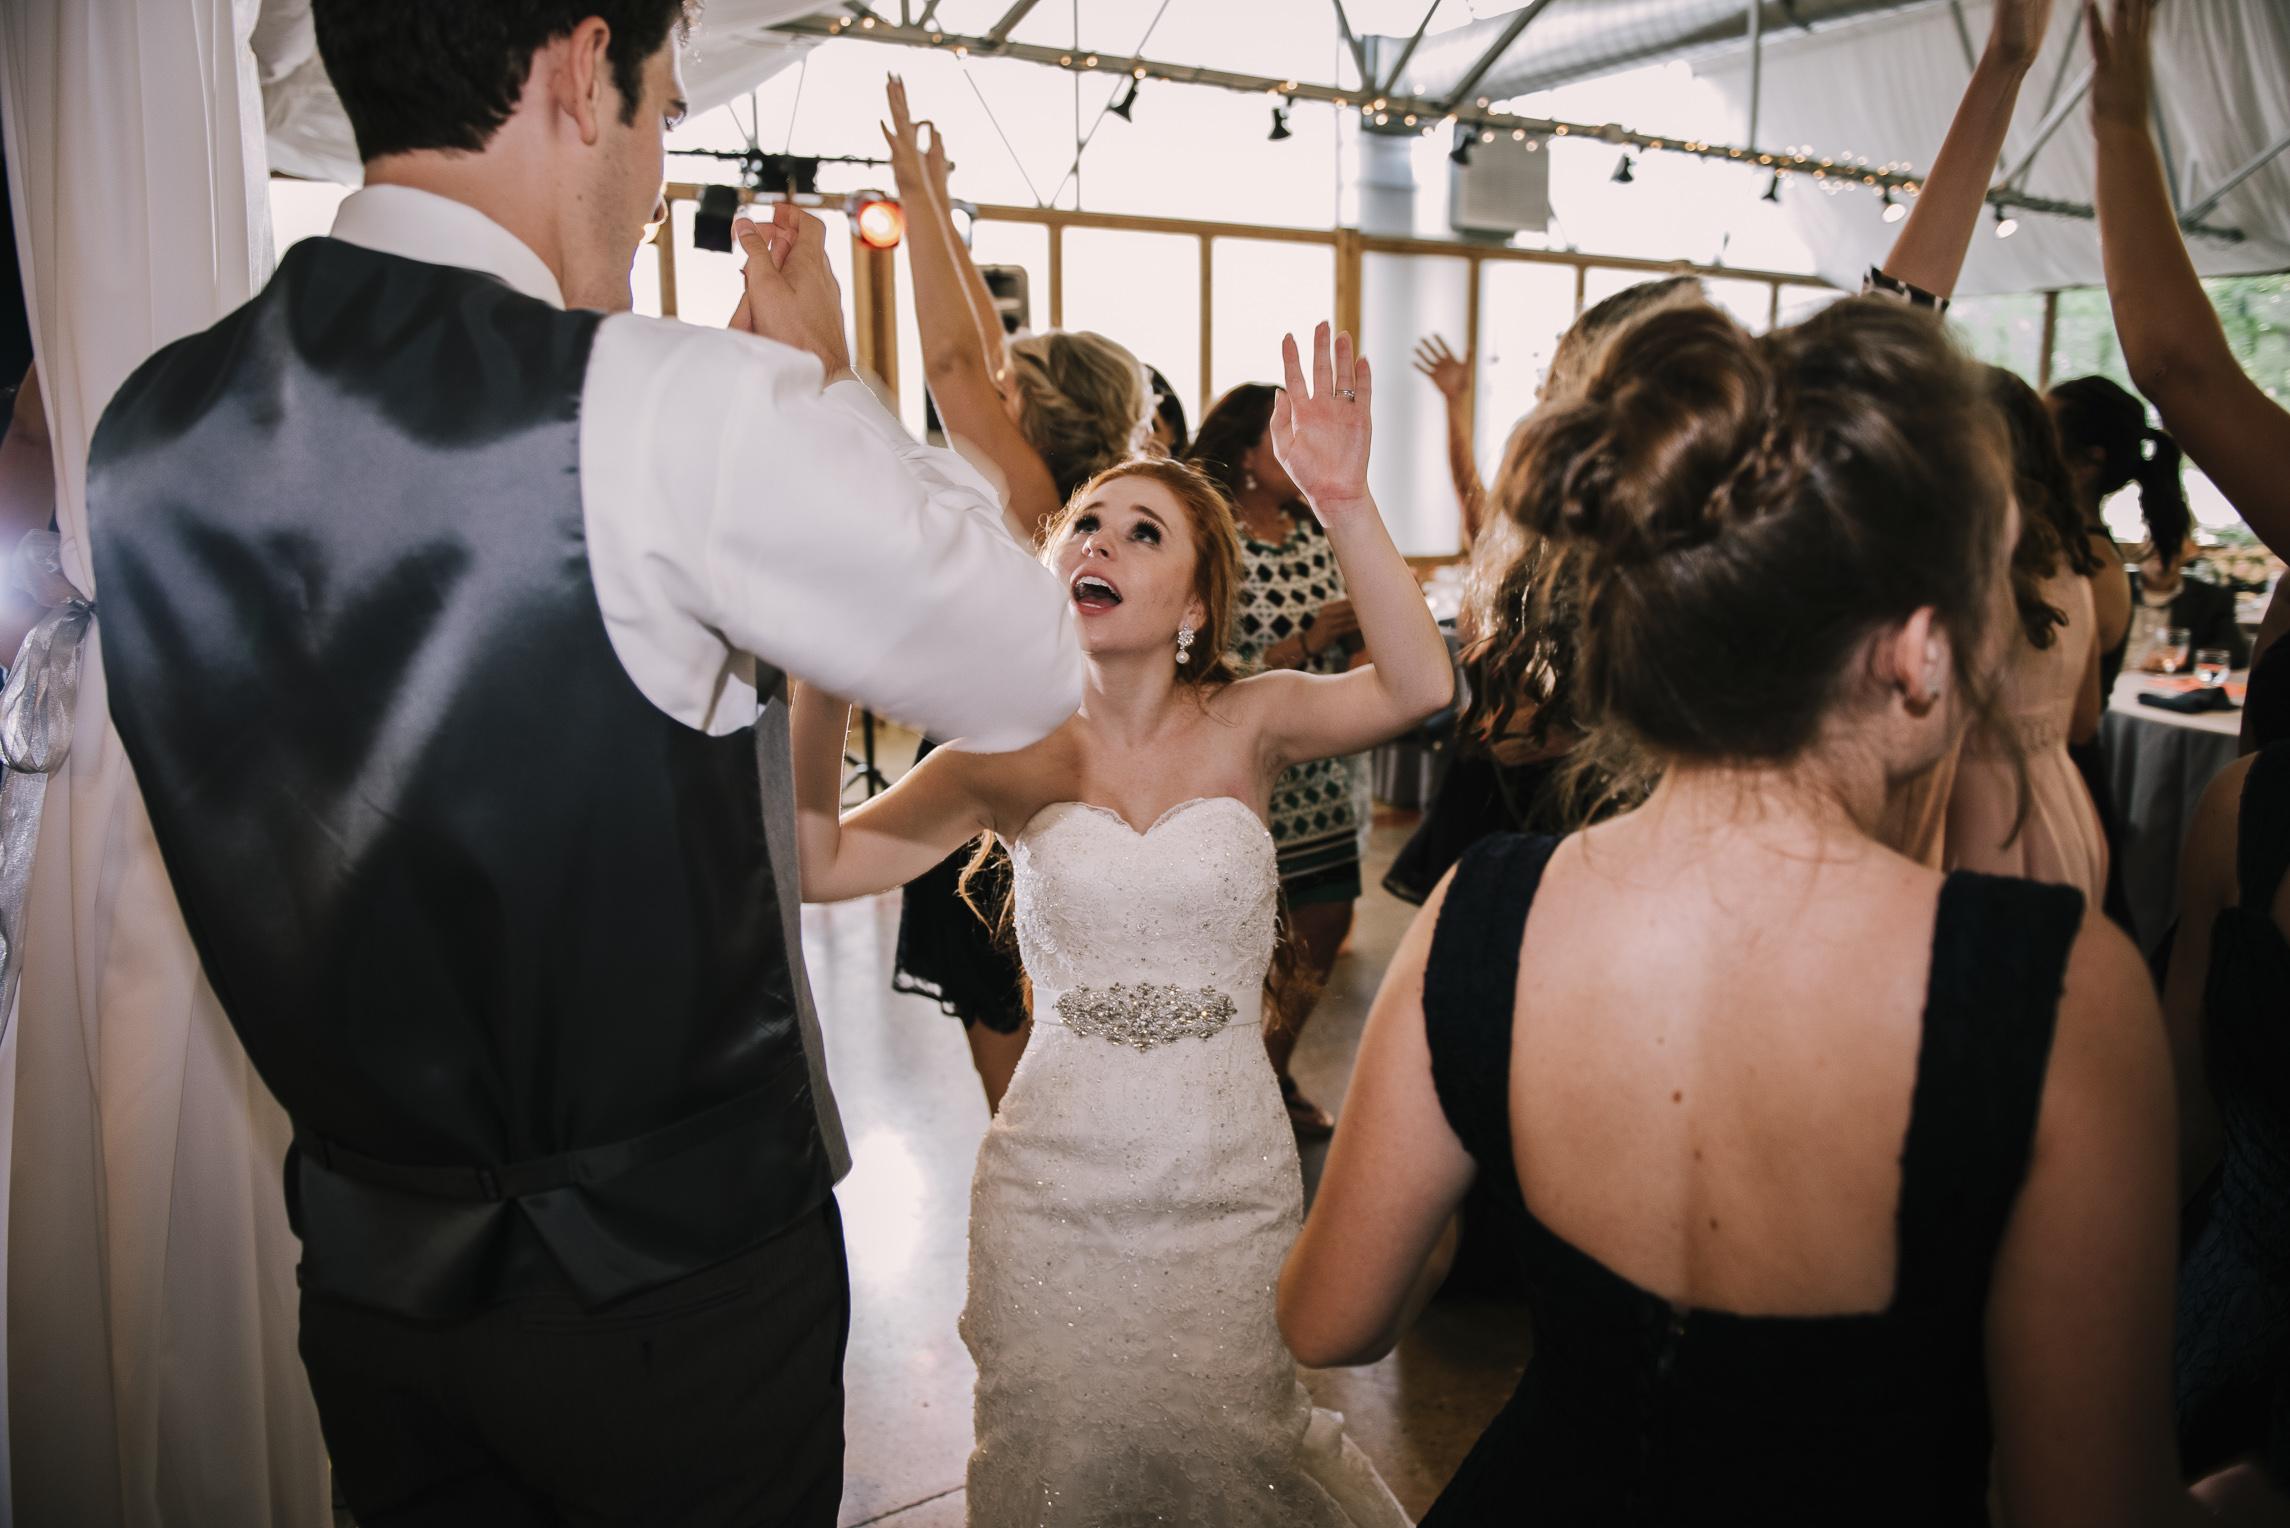 web sized images -- no to print --CALVIN & MCKYLEY WEDDING PHOTOS - COLORADO PHOTOGRAPHER - DEBI RAE PHOTOGRAPHY-2100.jpg